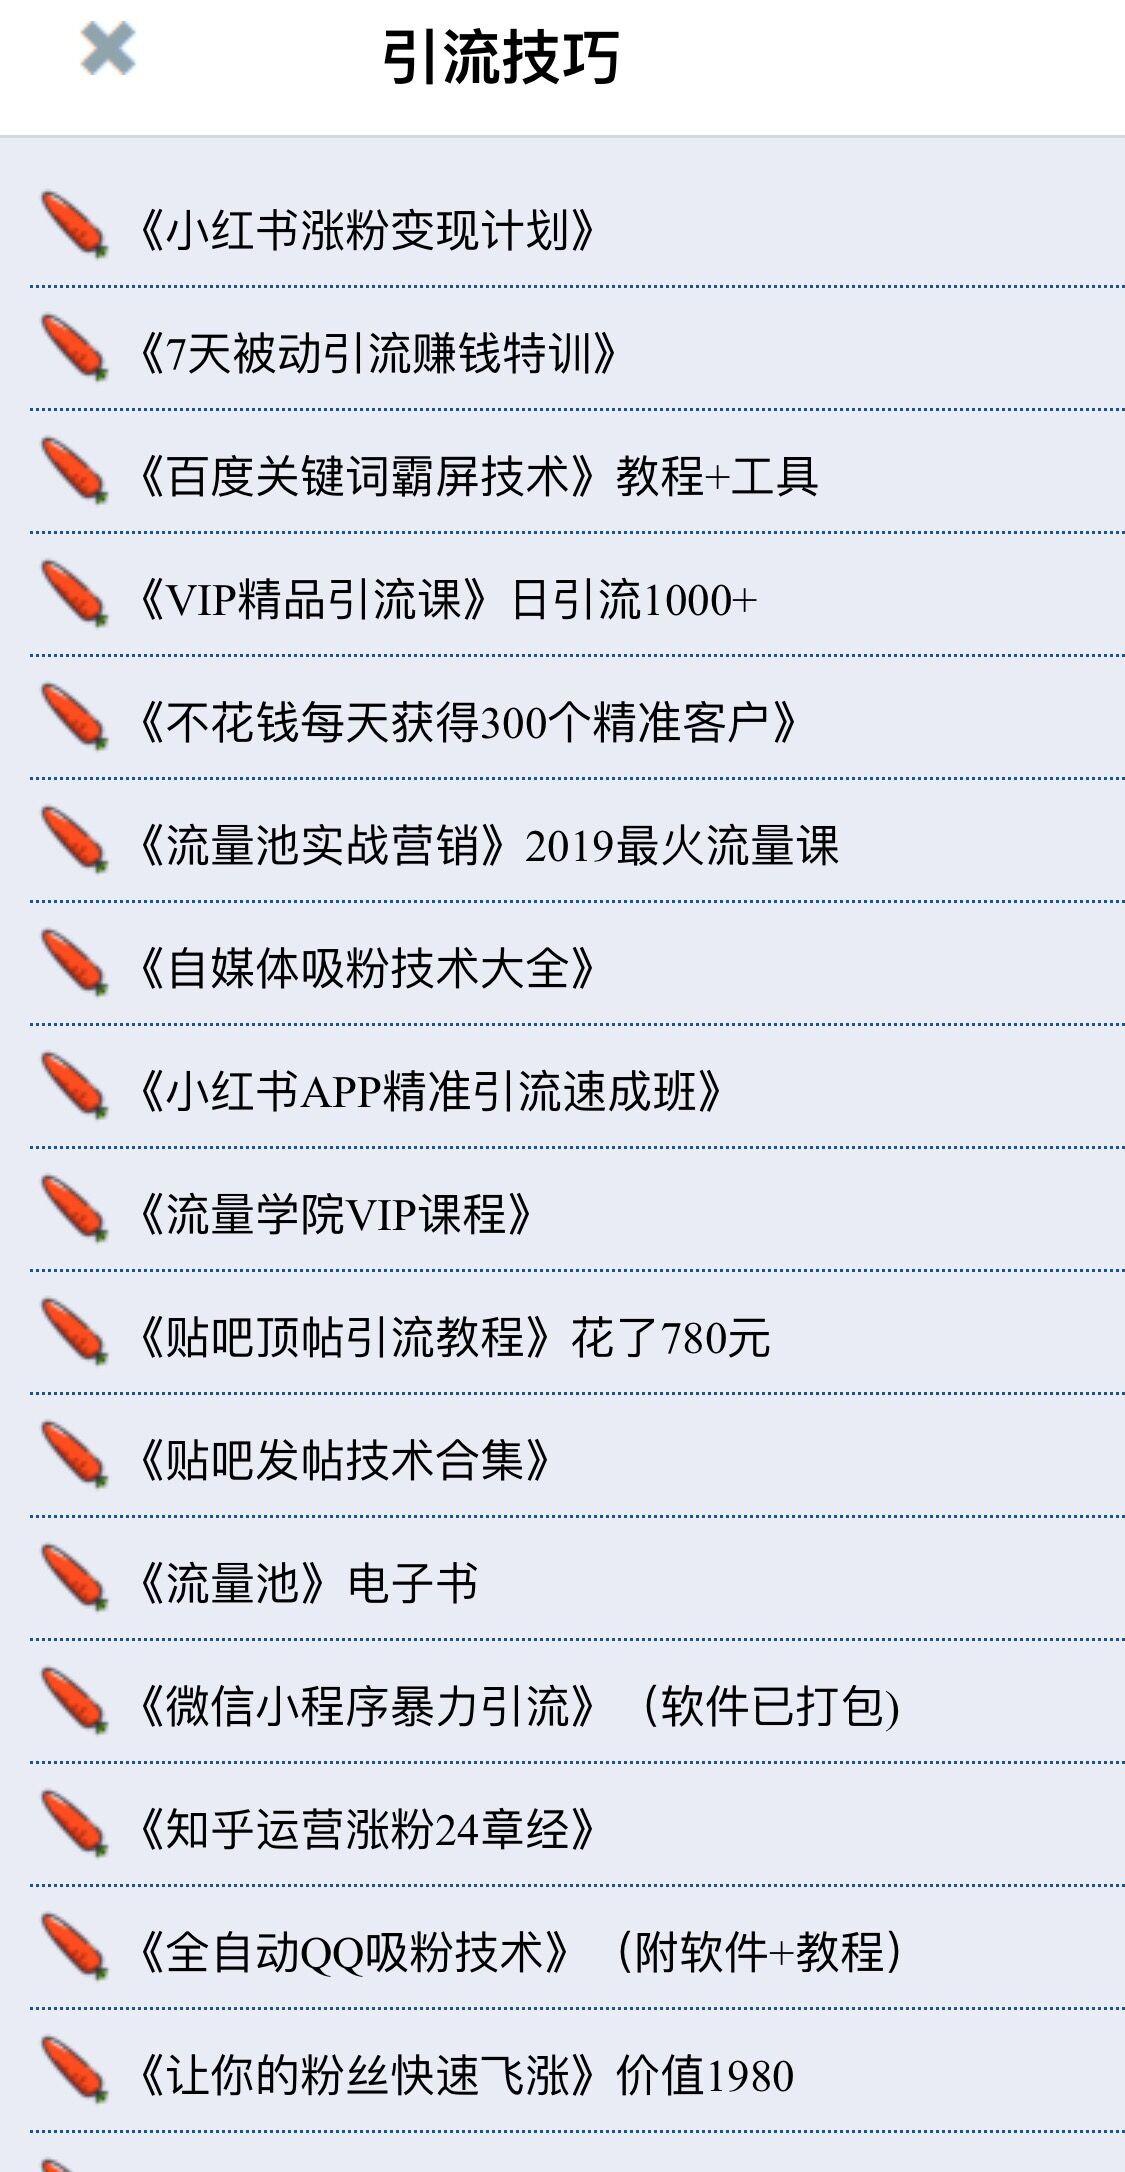 刘阳光_星光网_app002.jpg